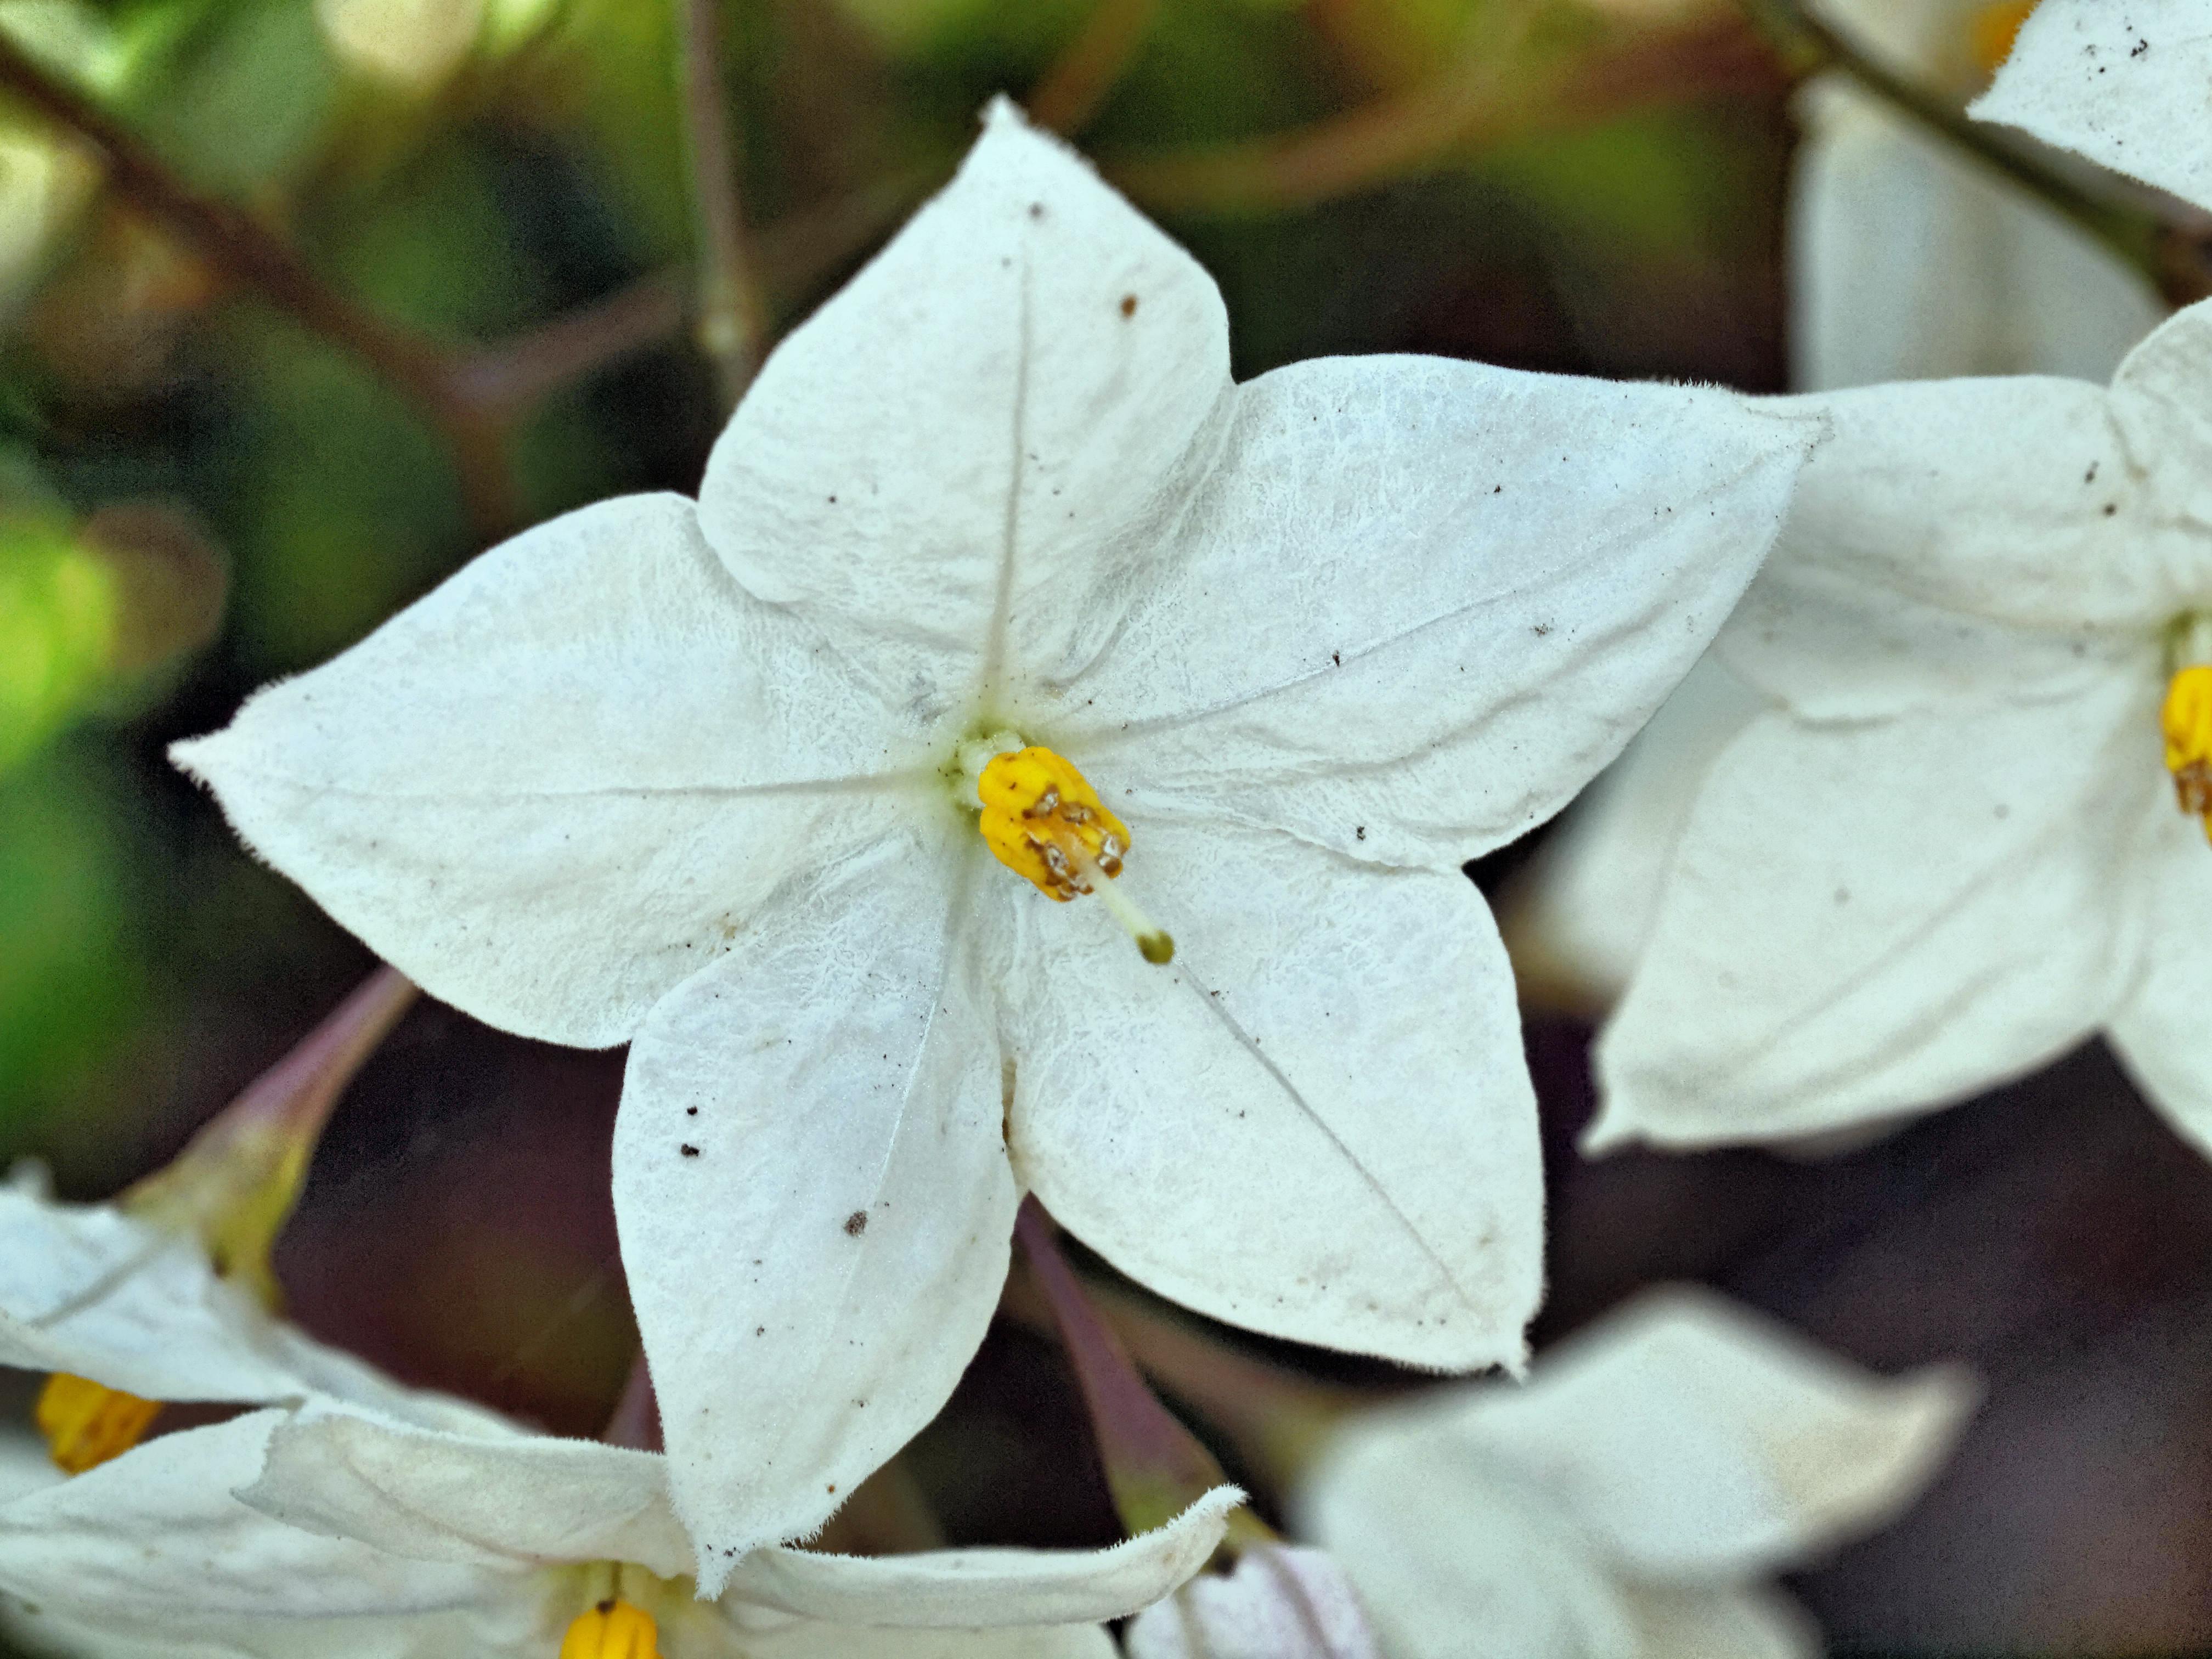 Solanum-laxum-2.jpeg